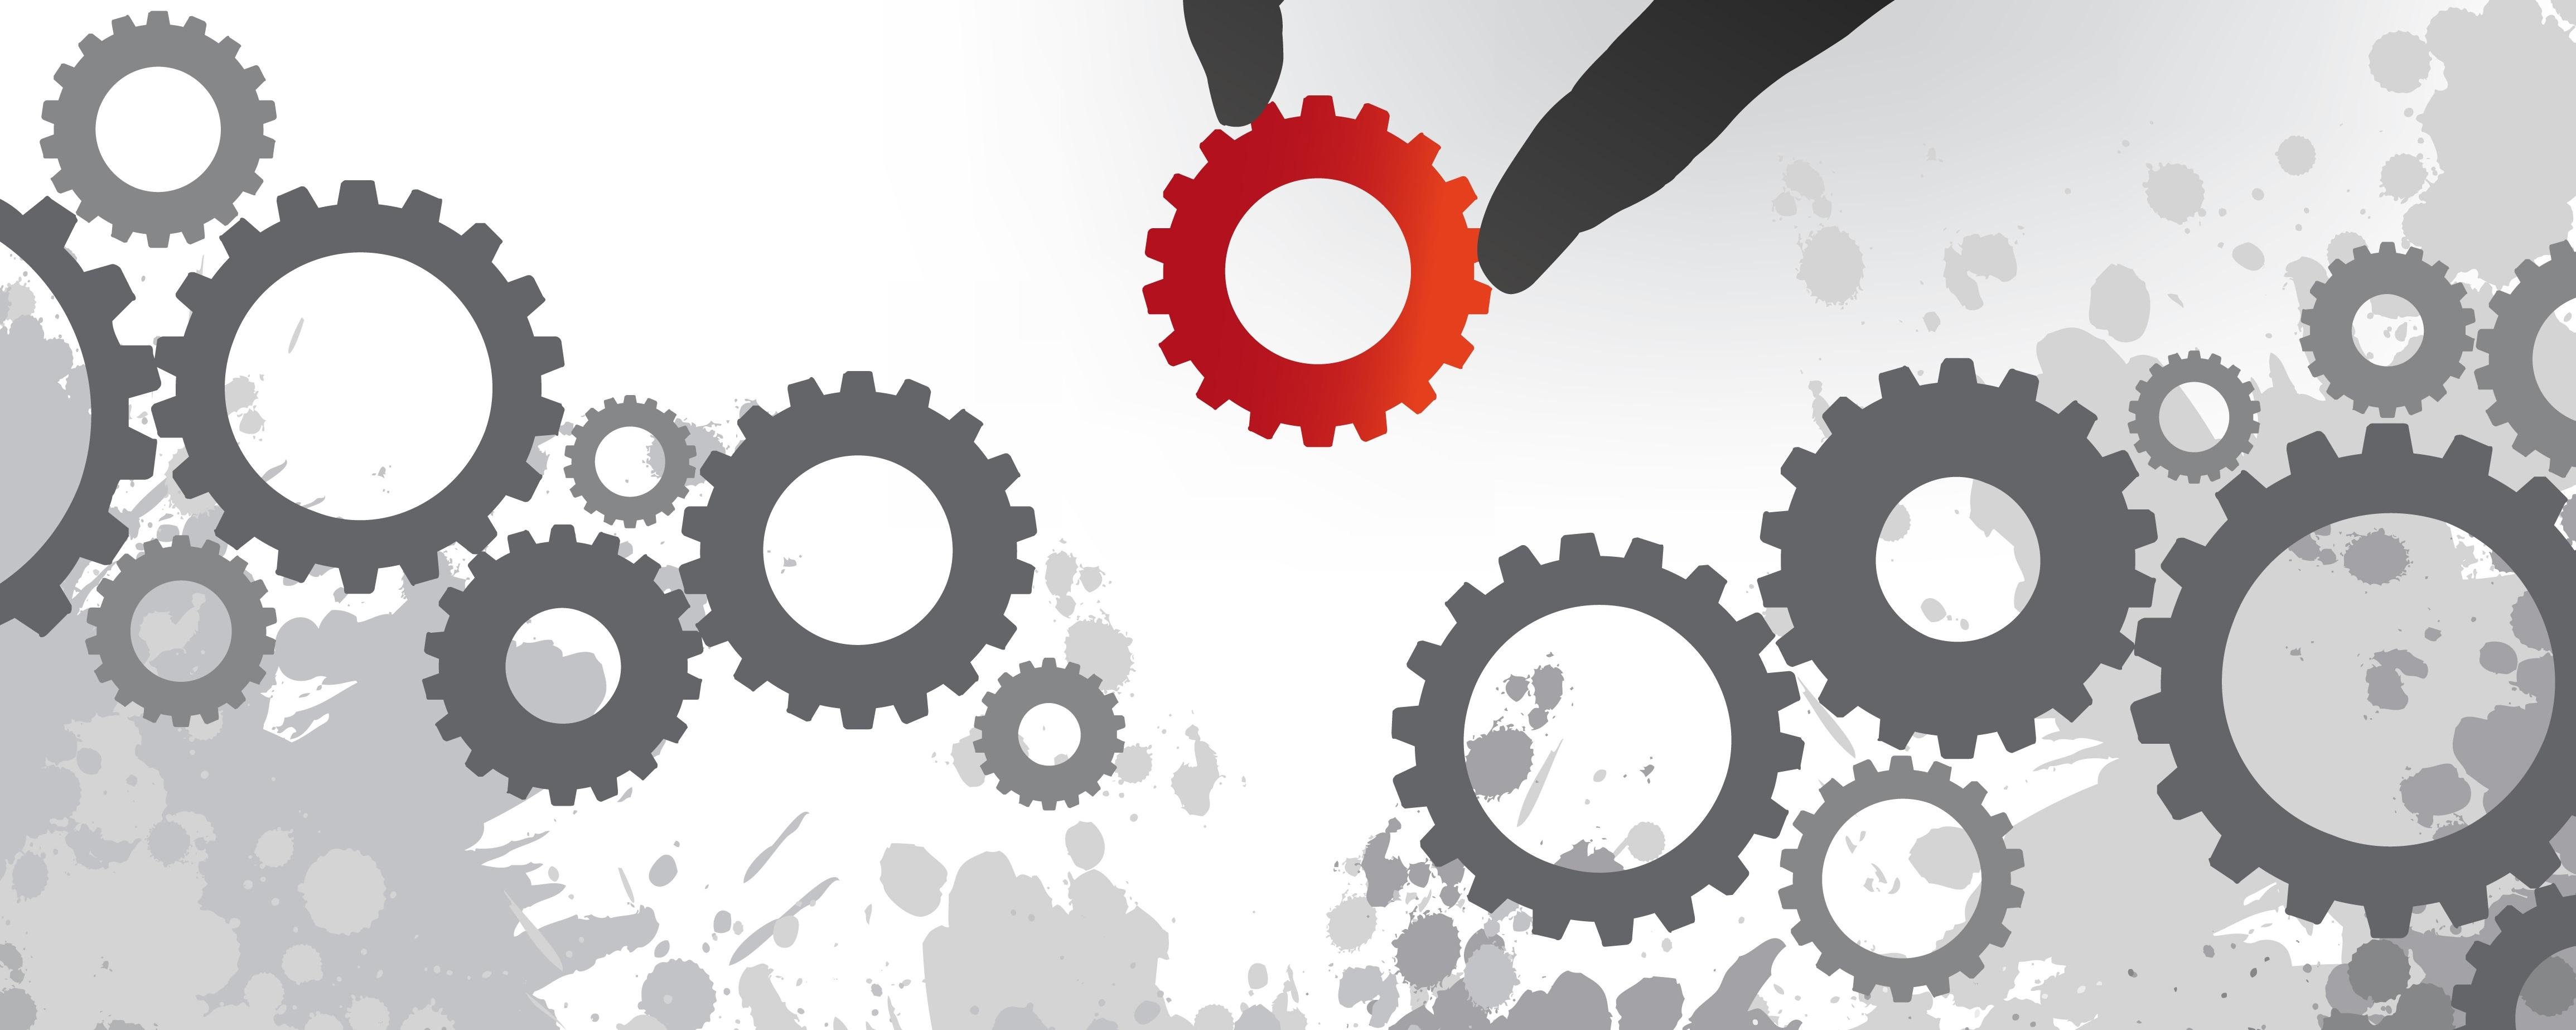 فضای کسب و کار نقطه اتکایی برای صنعت